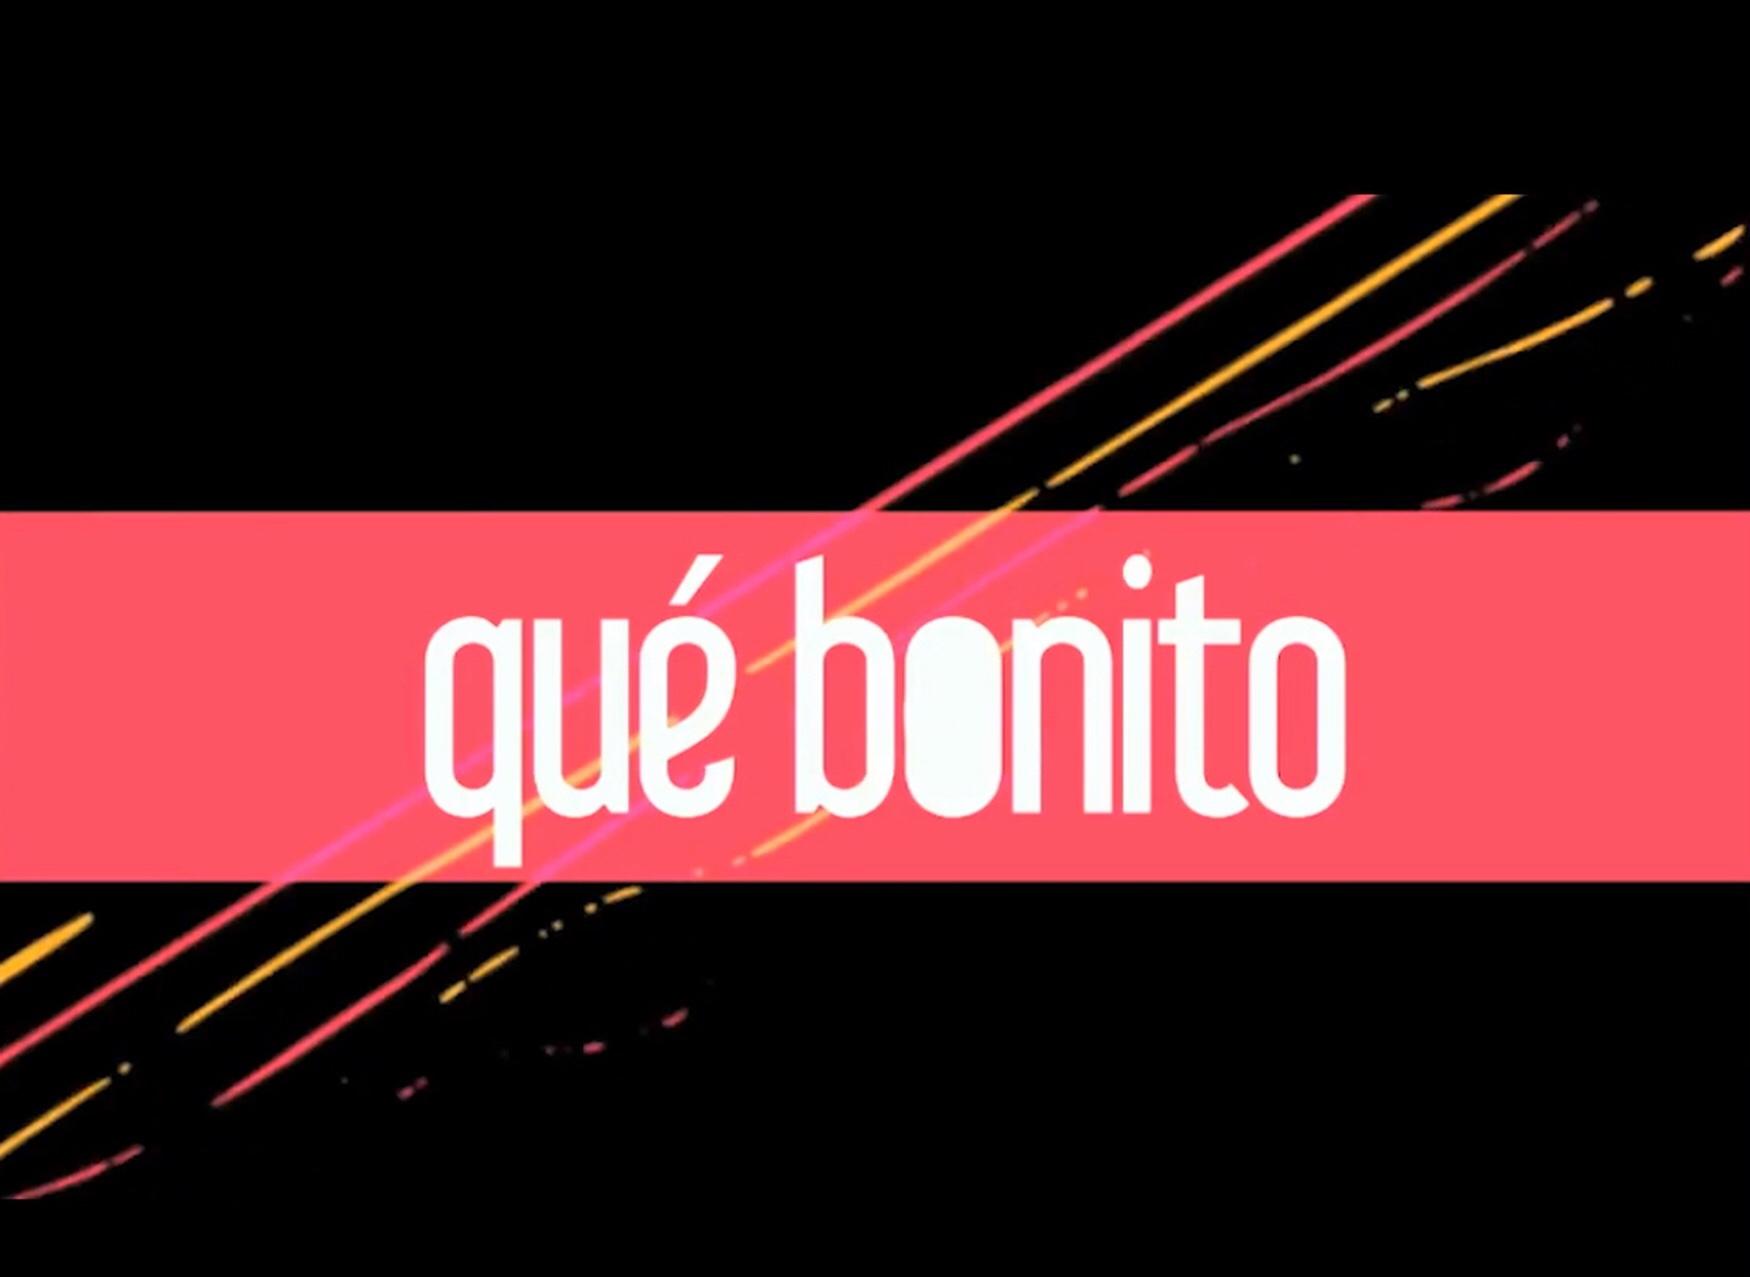 Mascotas, consulta veloz, cinismo y el que no se parece: #QuéBonito